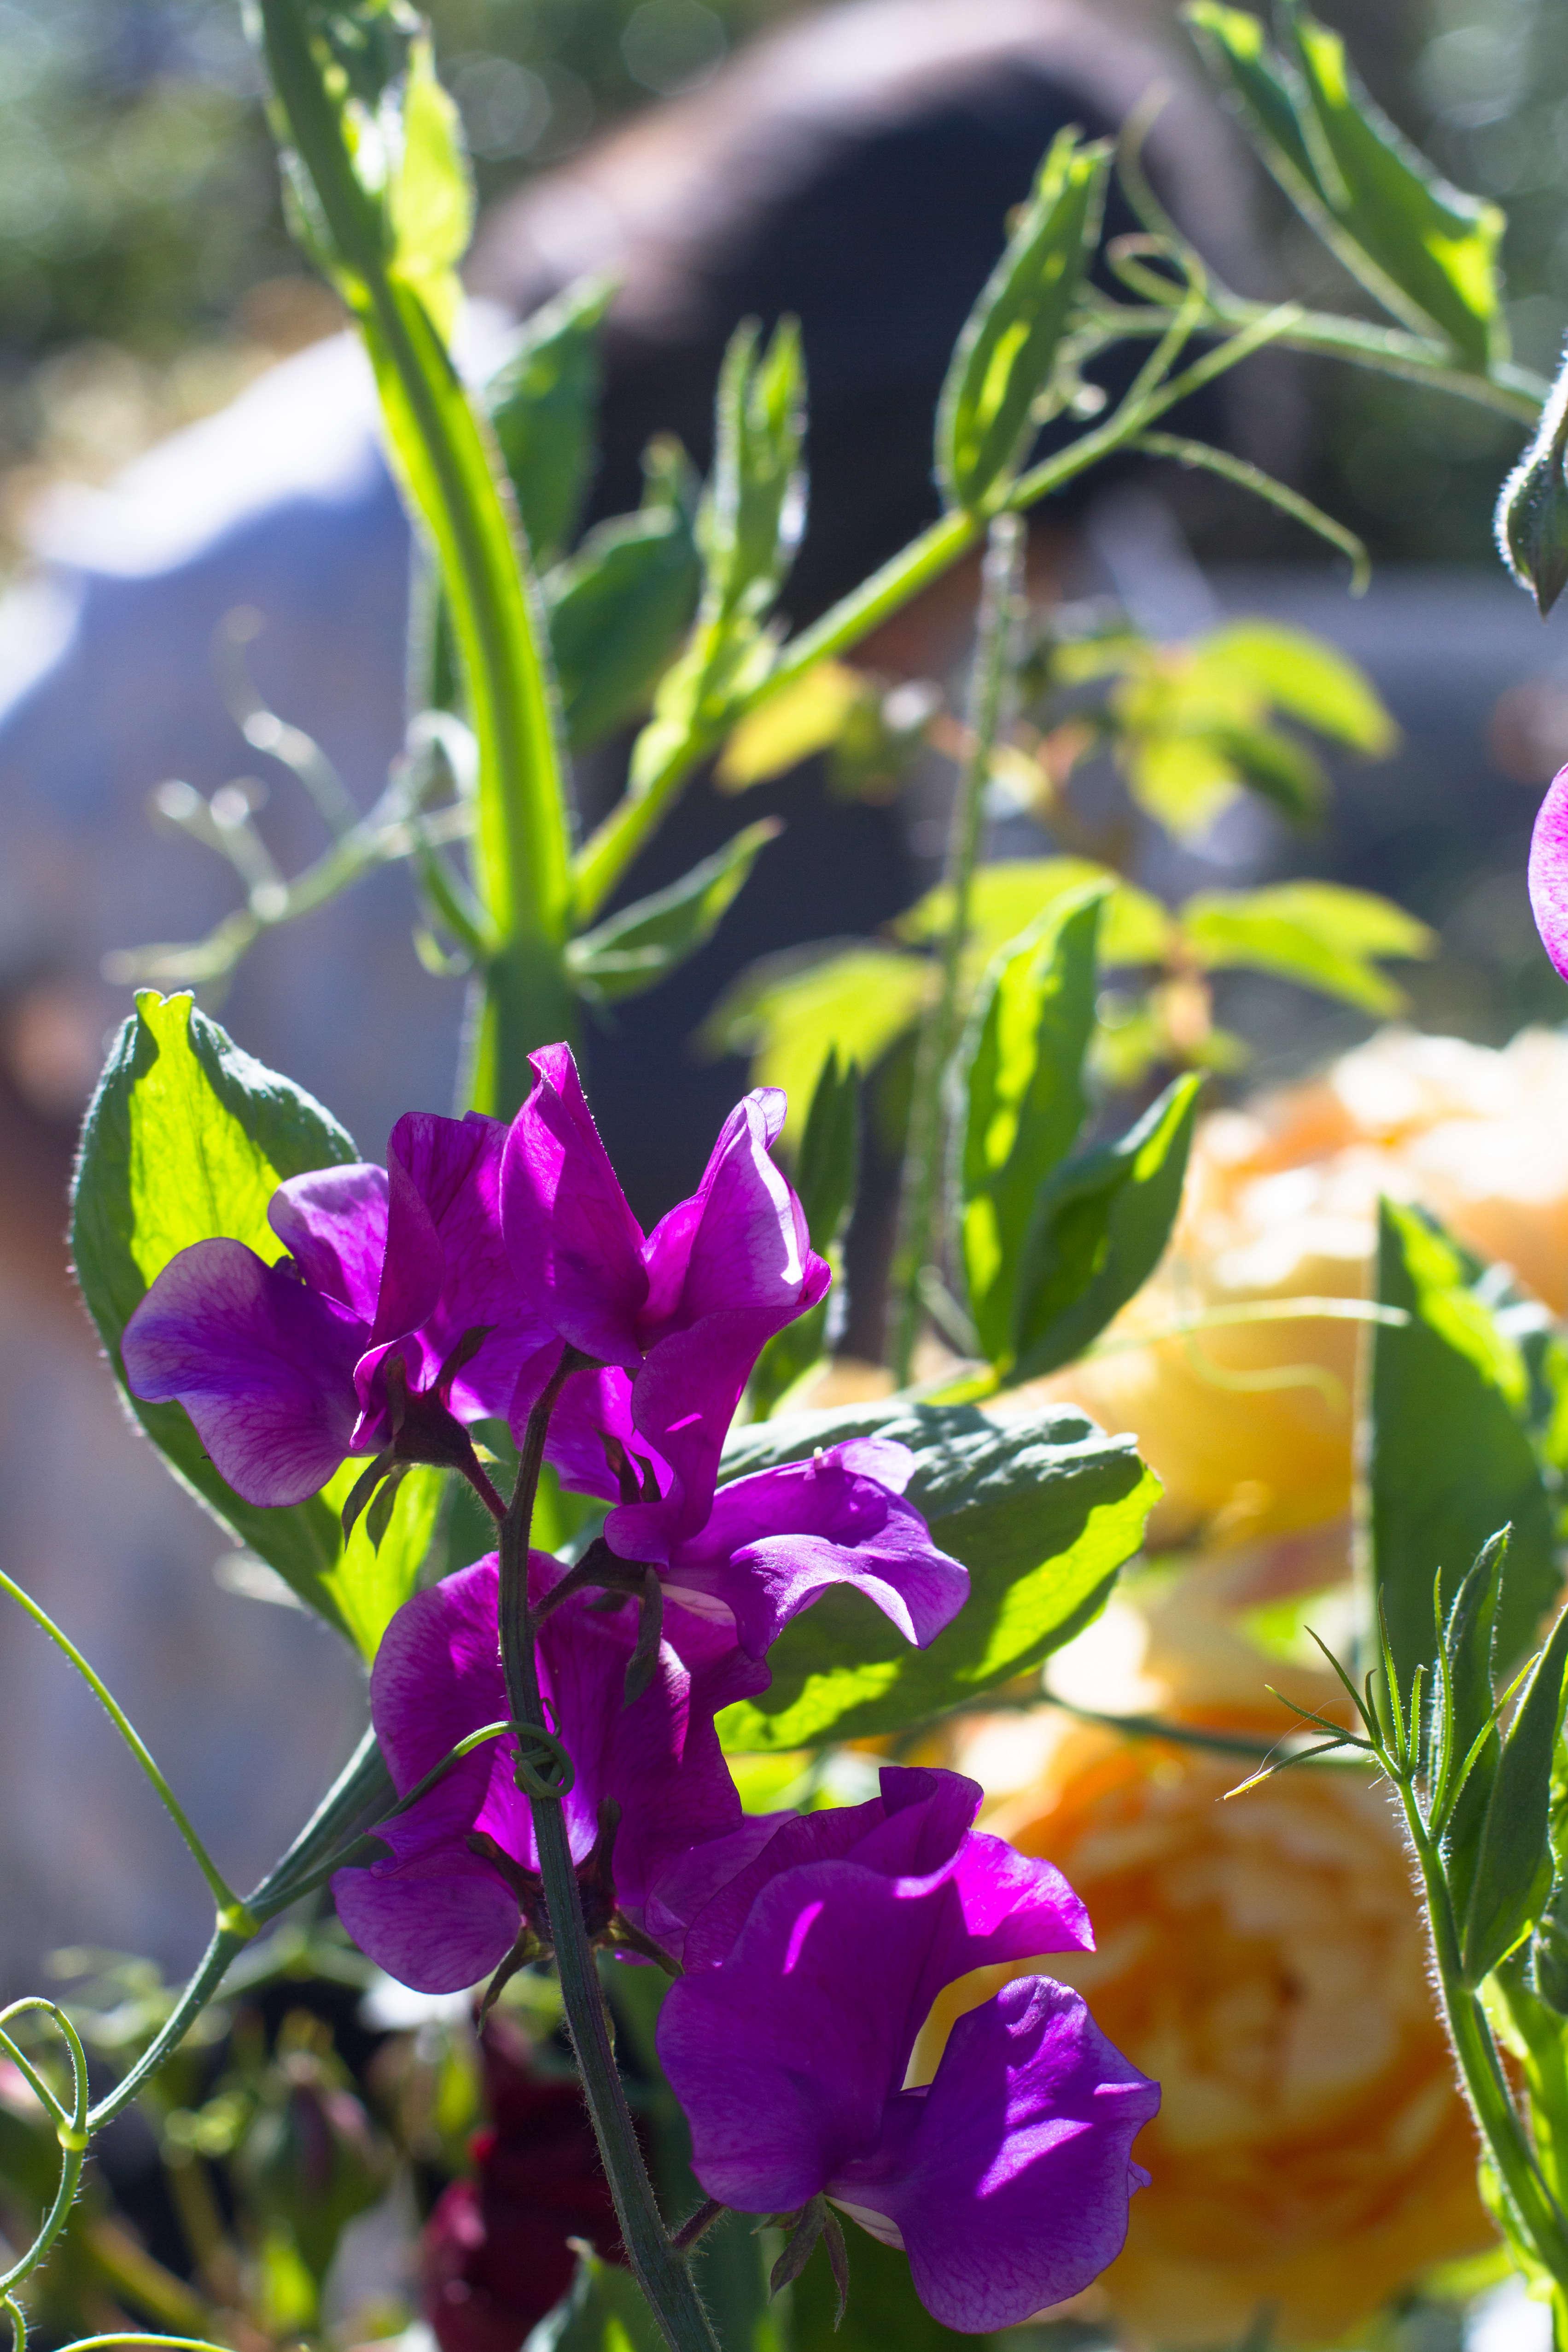 Garden-Apothecary-Half-Moon-Bay-California-Container-Garden-Driveway-Gardenista-2016-31